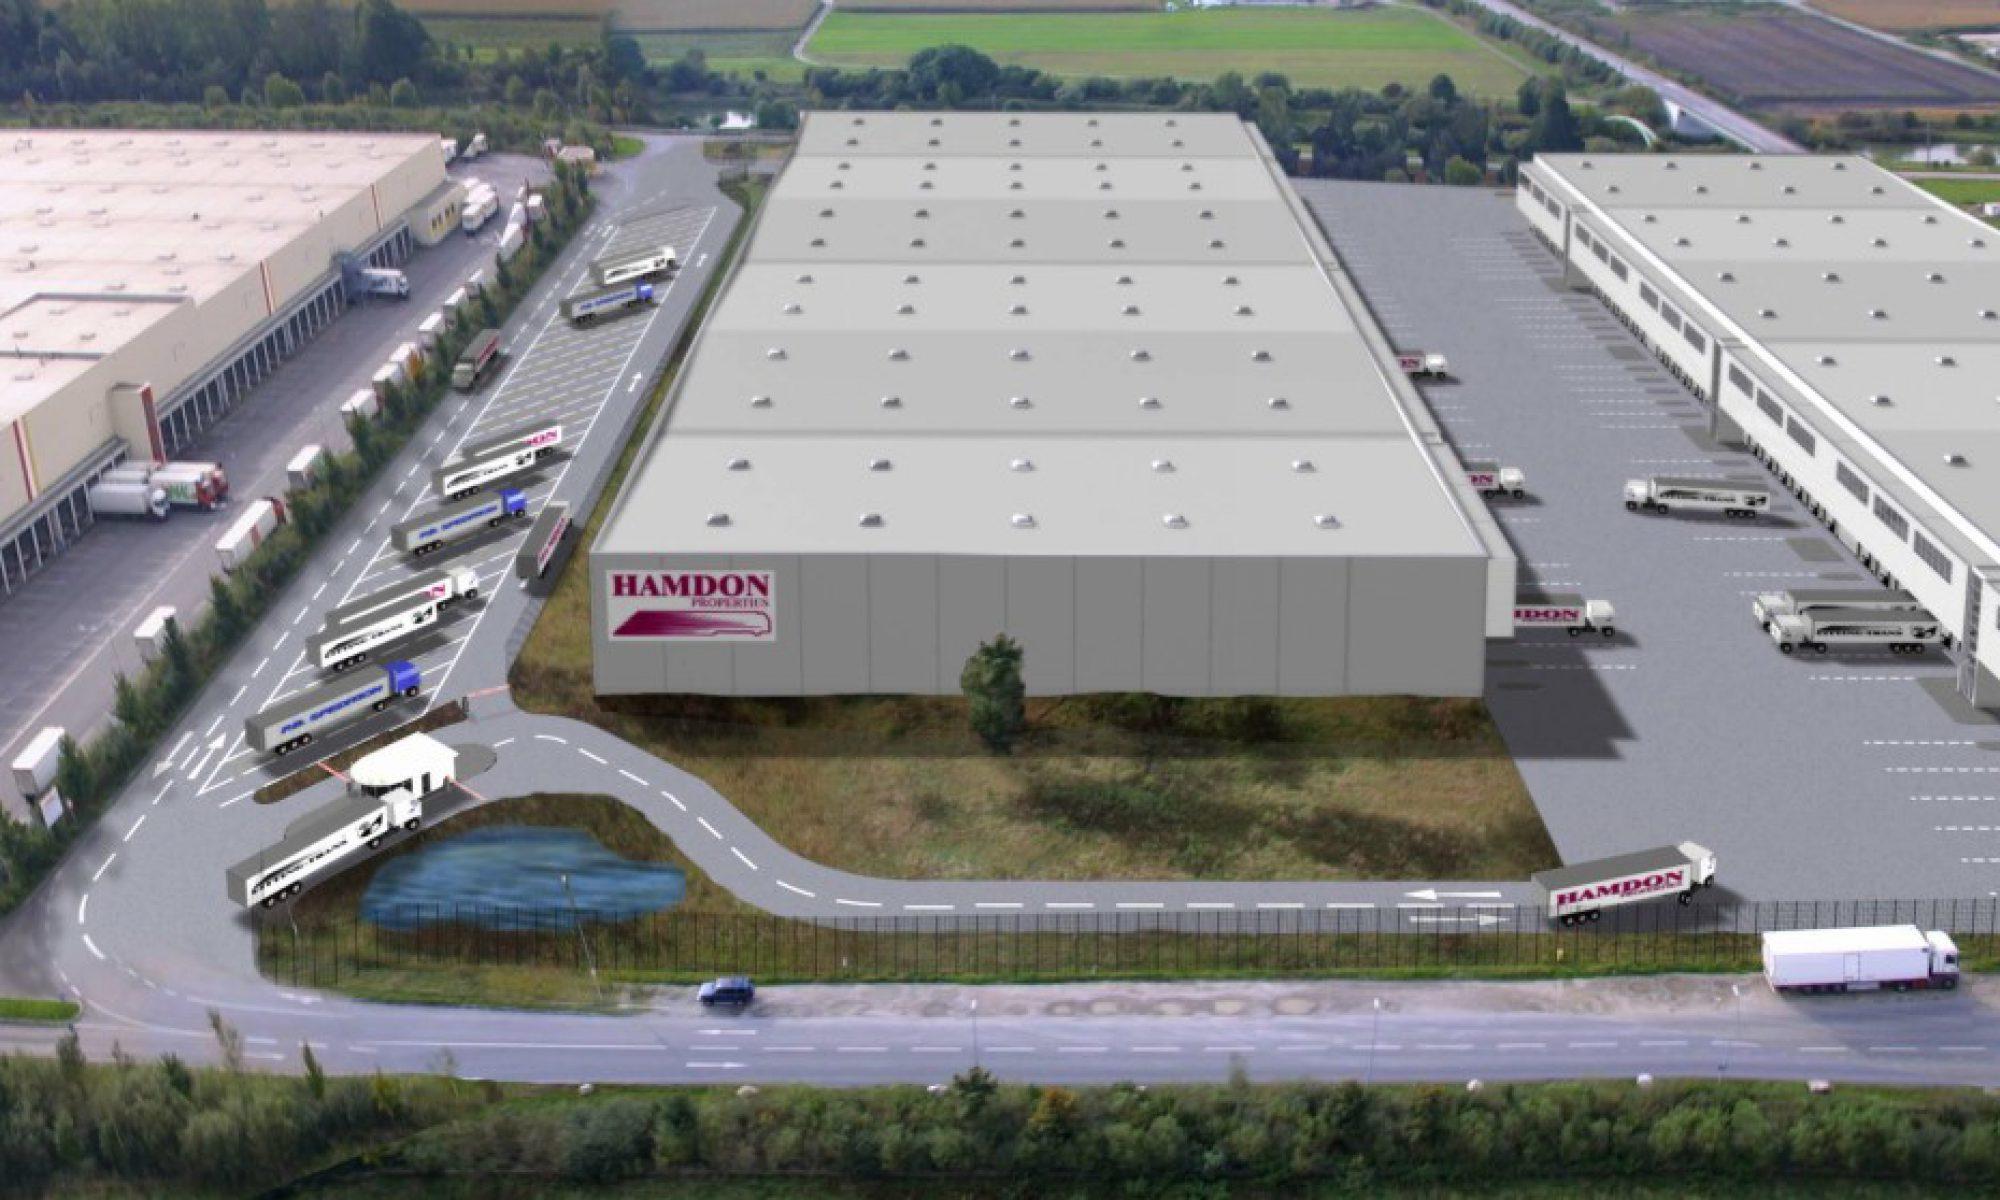 The Hamdon Group of Companies